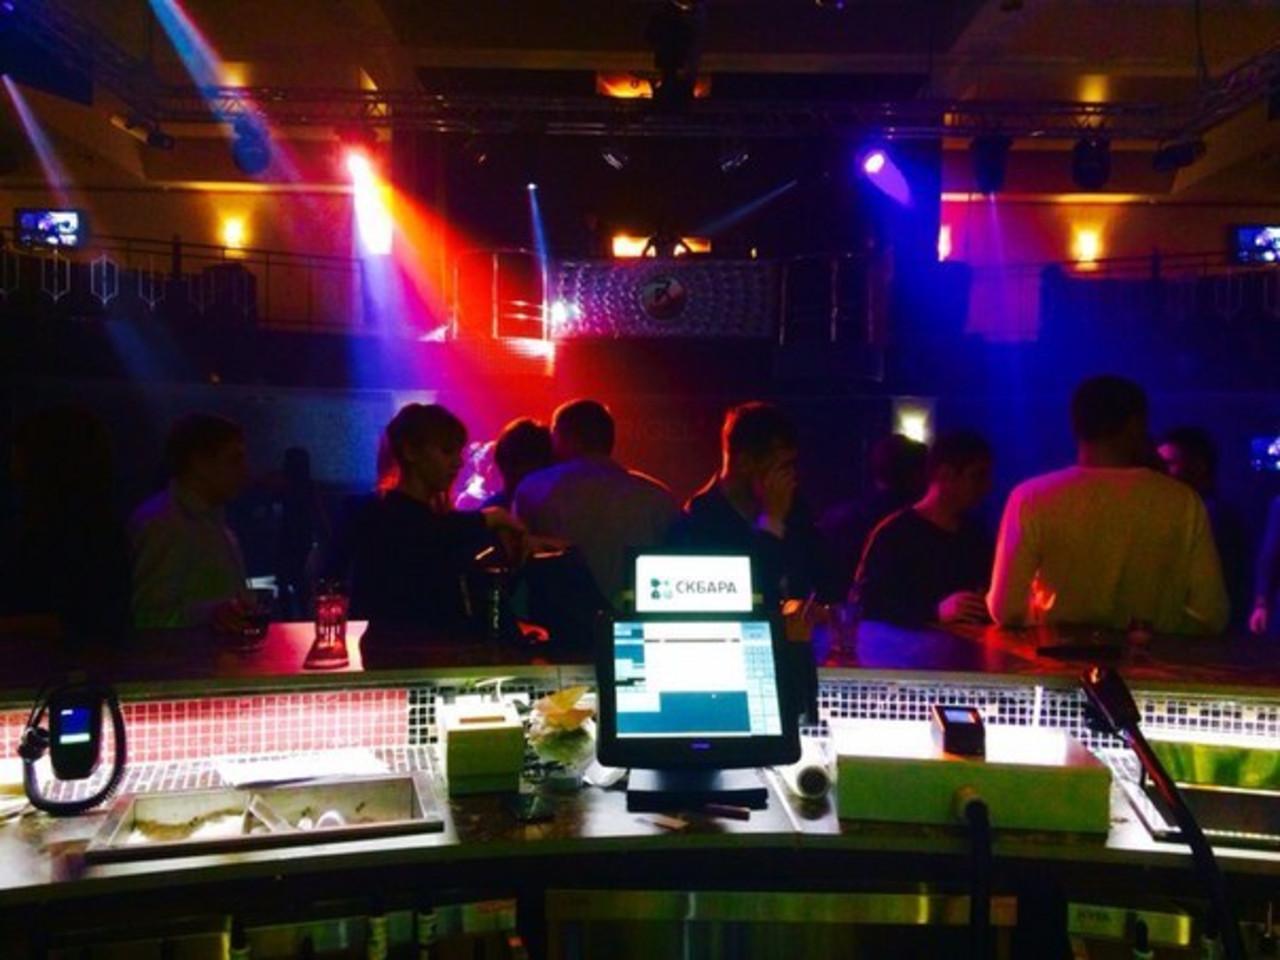 Ночной клуб ригель елец фото сегодняшний день